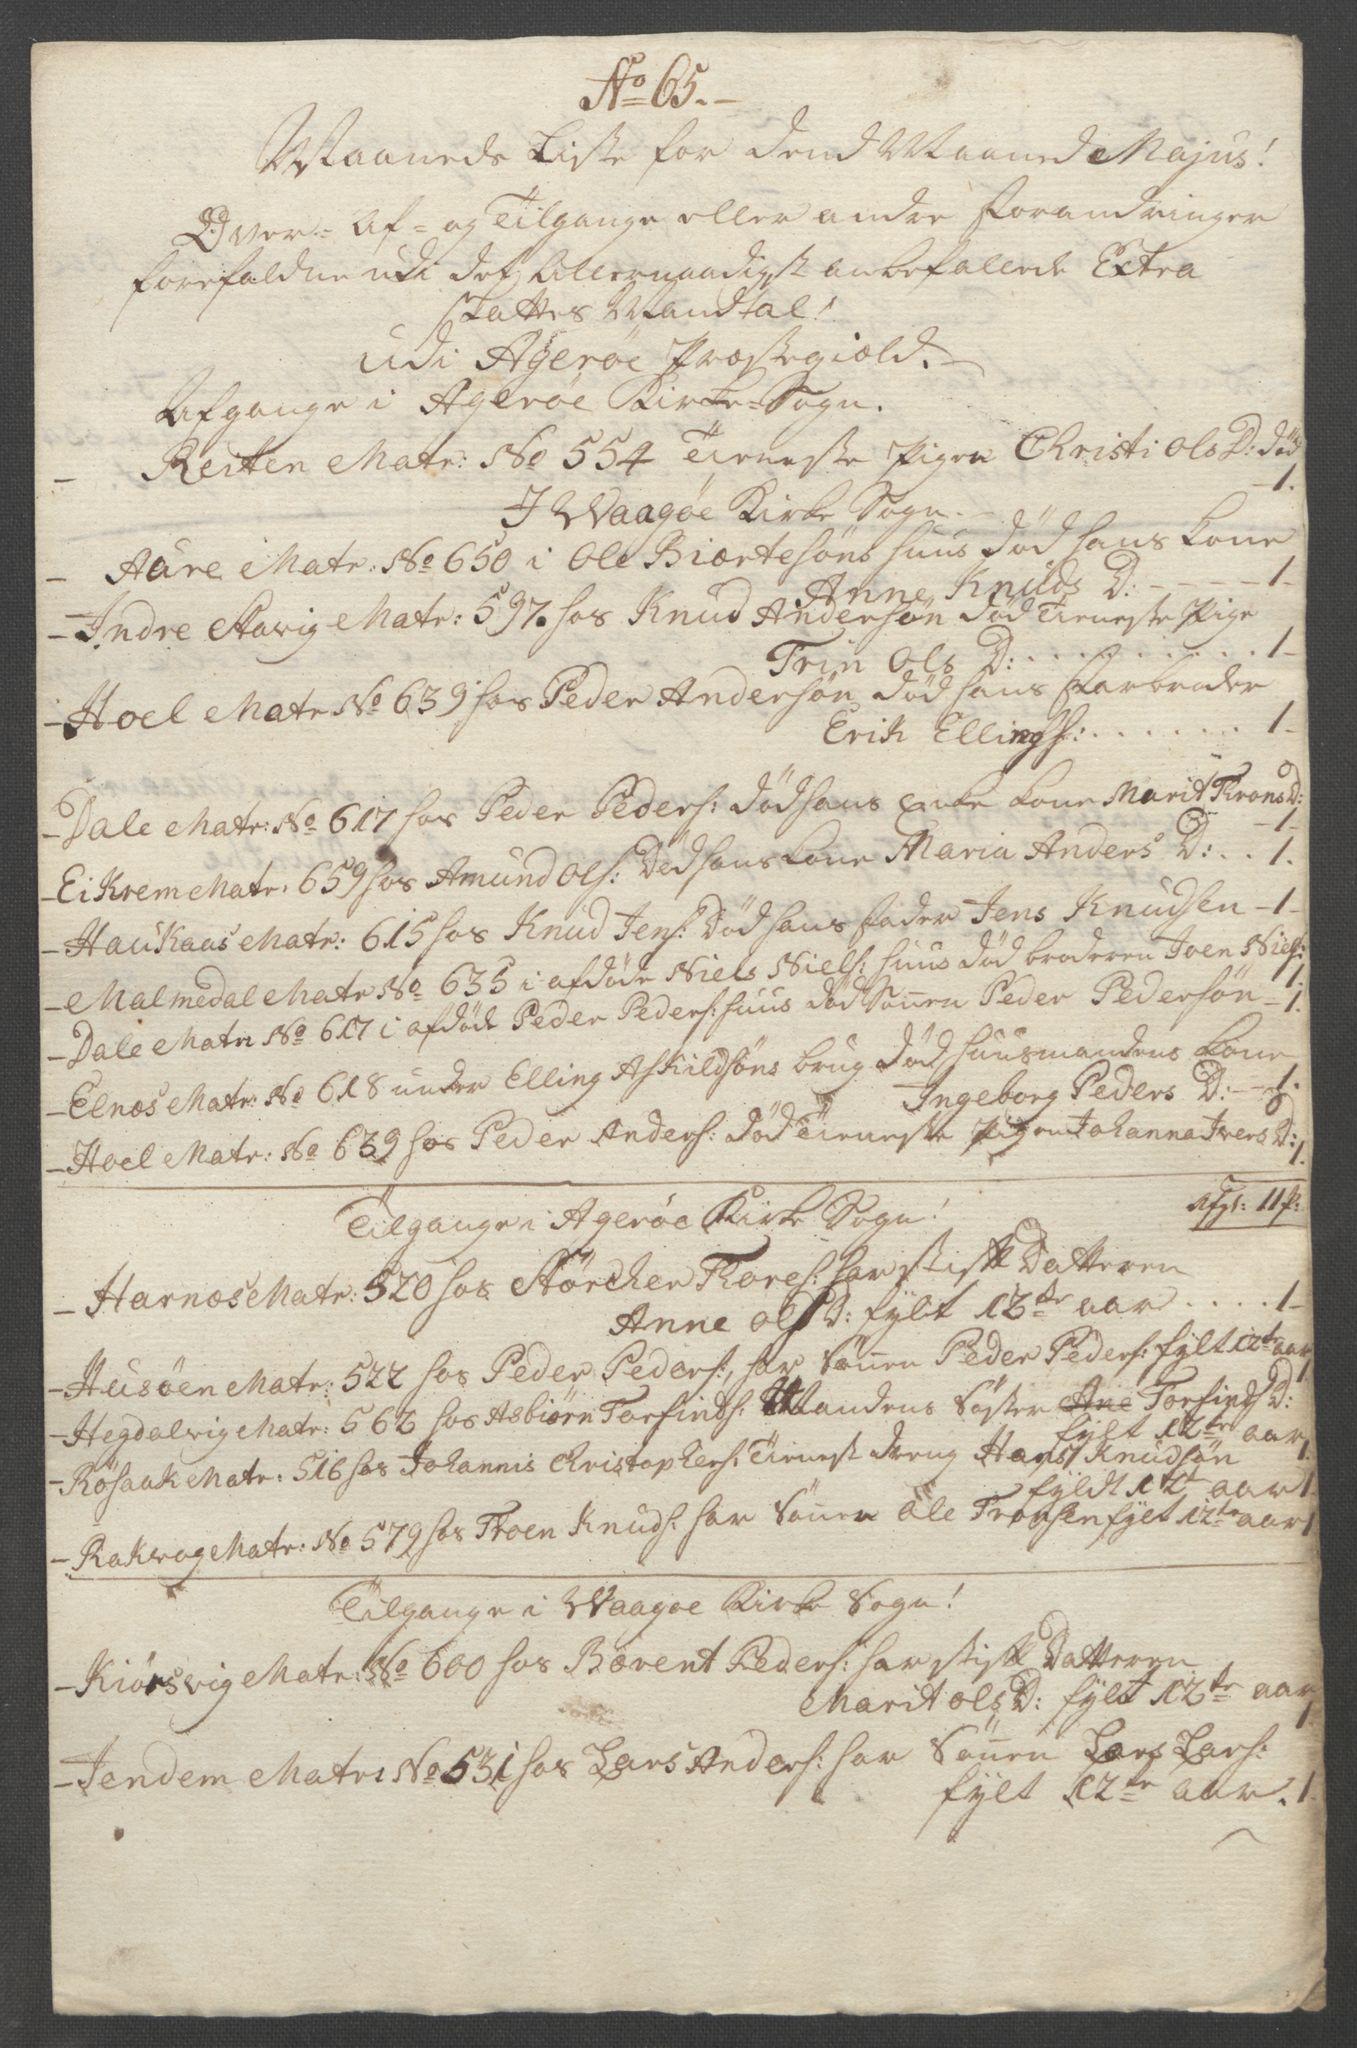 RA, Rentekammeret inntil 1814, Reviderte regnskaper, Fogderegnskap, R55/L3730: Ekstraskatten Romsdal, 1762-1763, s. 500